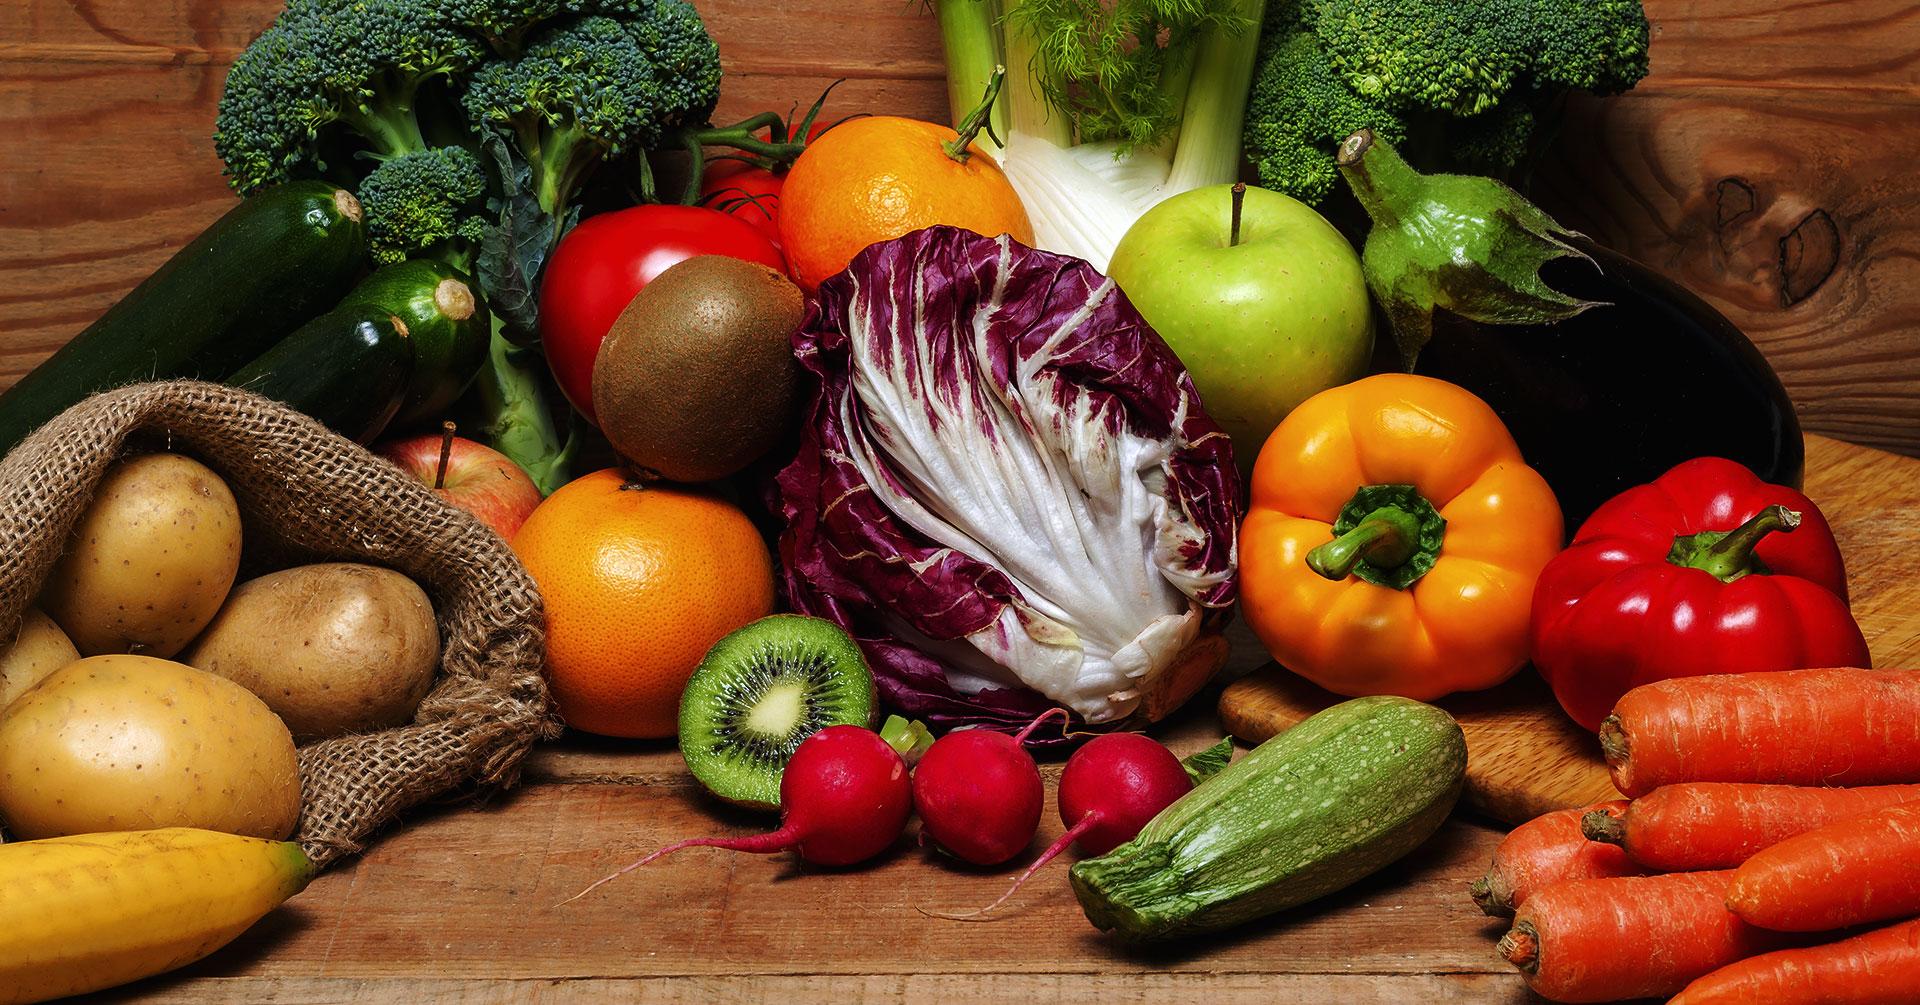 La importancia del color en las frutas y verduras